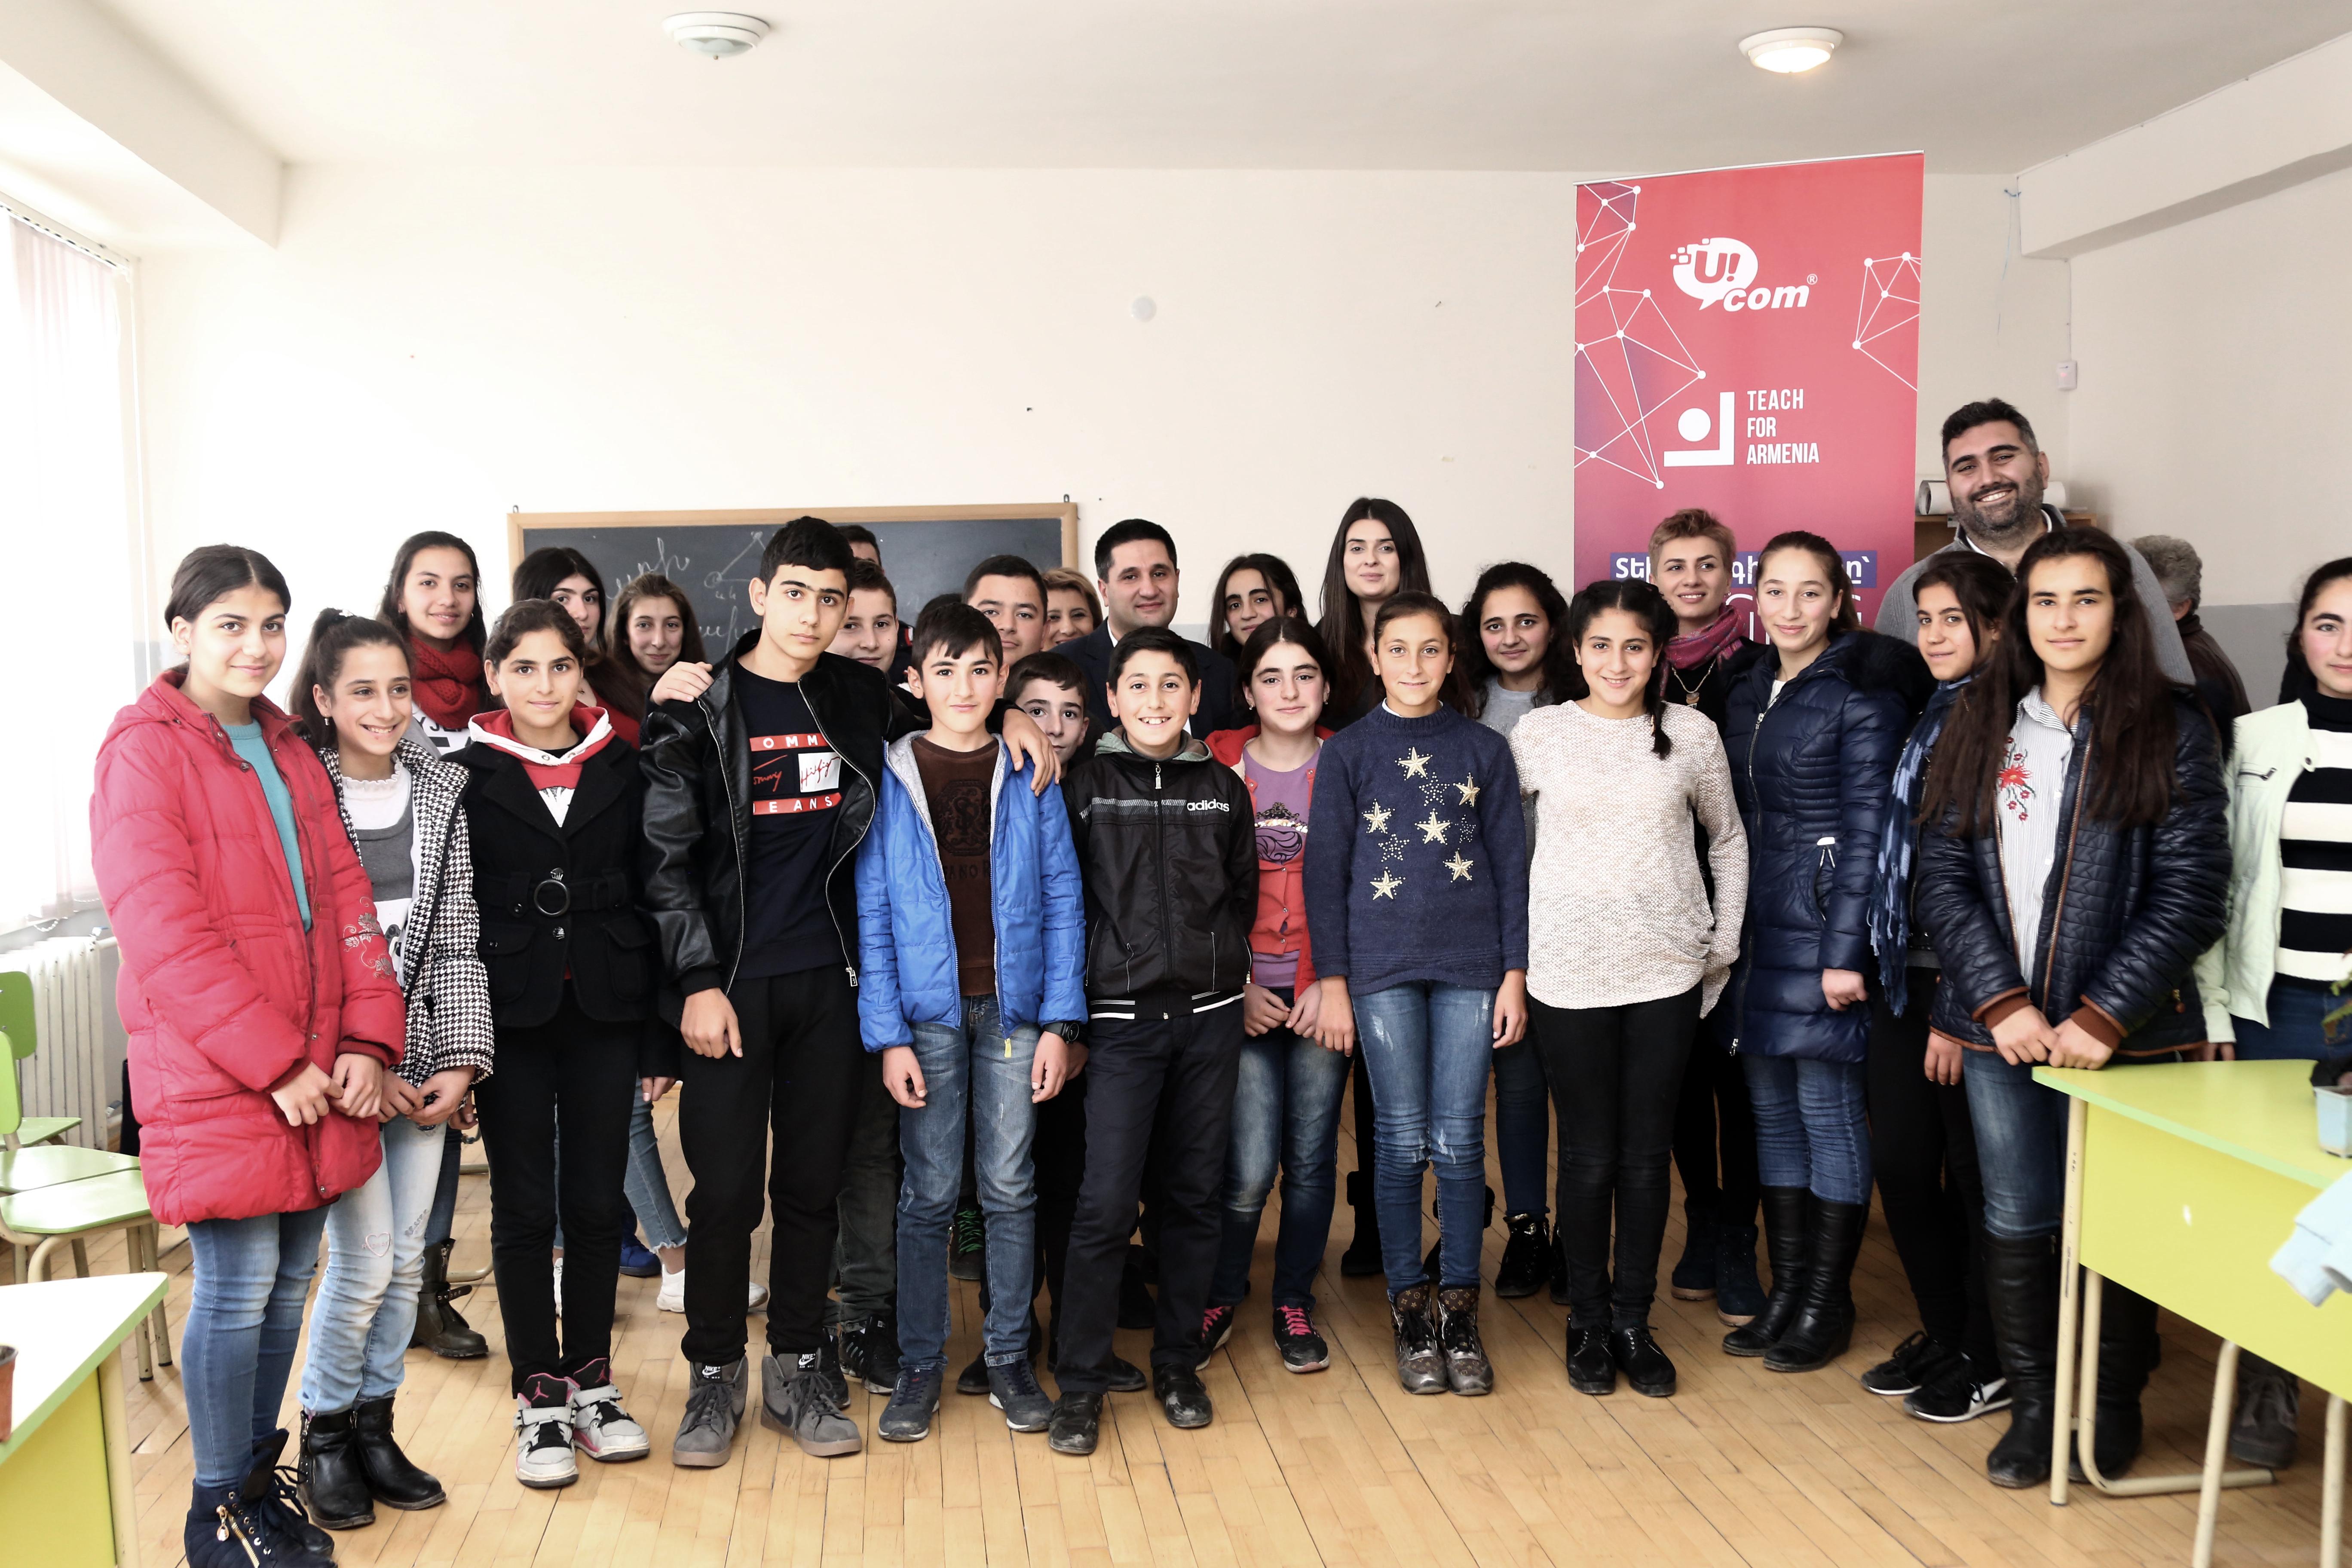 Ucom․ Հայկ Եսայանը բաց դաս անցկացրեց Կոշի «Արմաթ» լաբորատորիայի սաների և «Դասավանդի՛ր, Հայաստան» ծրագրի աշակերտների համար